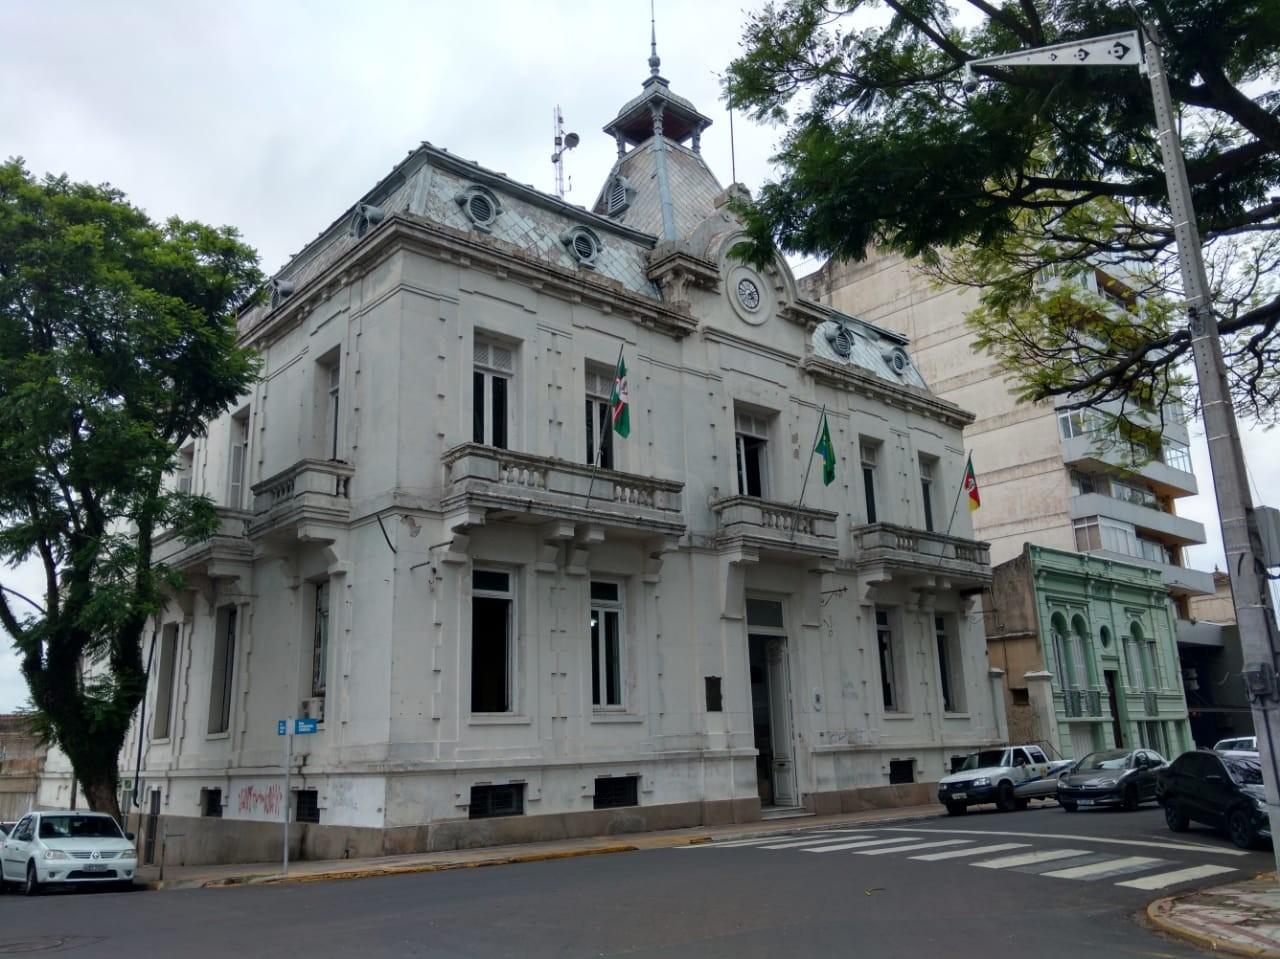 Após suspeita de irregularidades, prefeitura suspende concurso público em Santana do Livramento